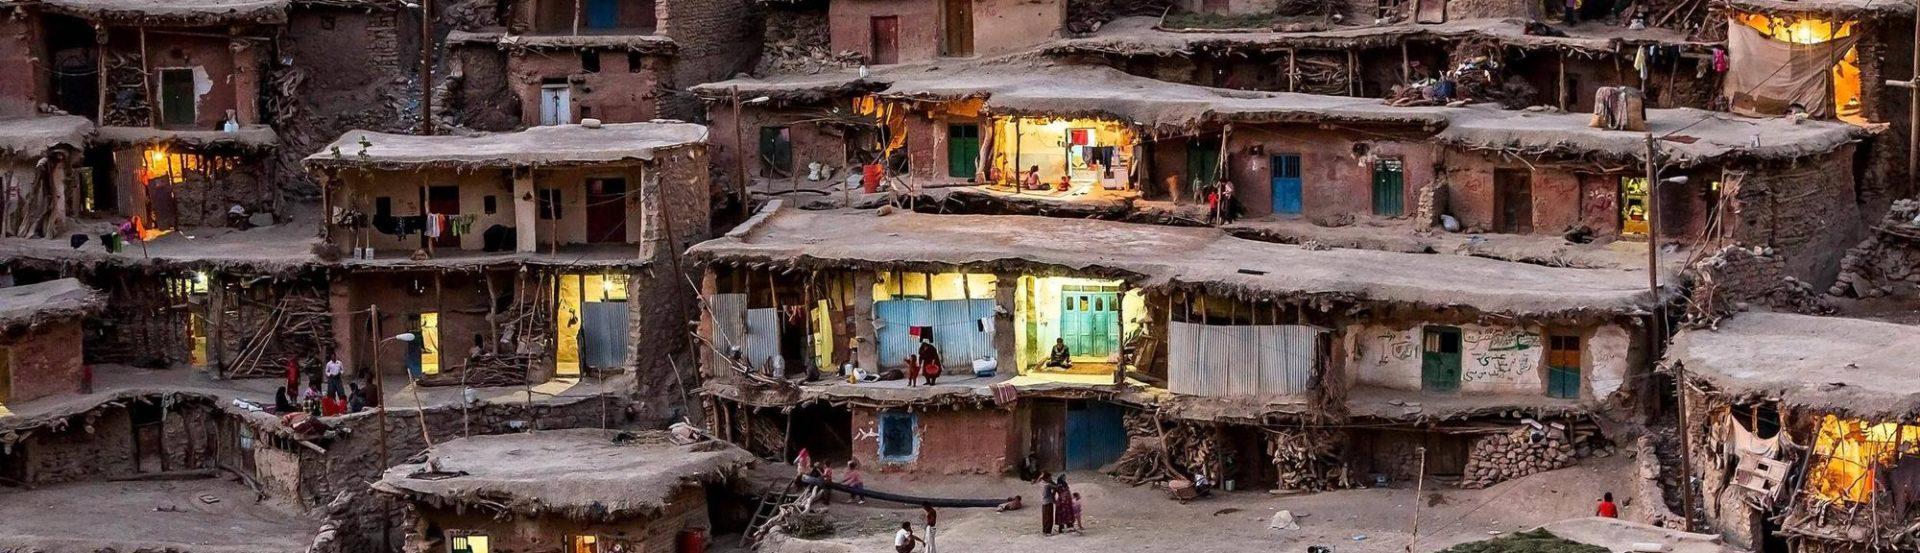 Plan D Une Case Africaine access to housing in africa - l'afrique des idées